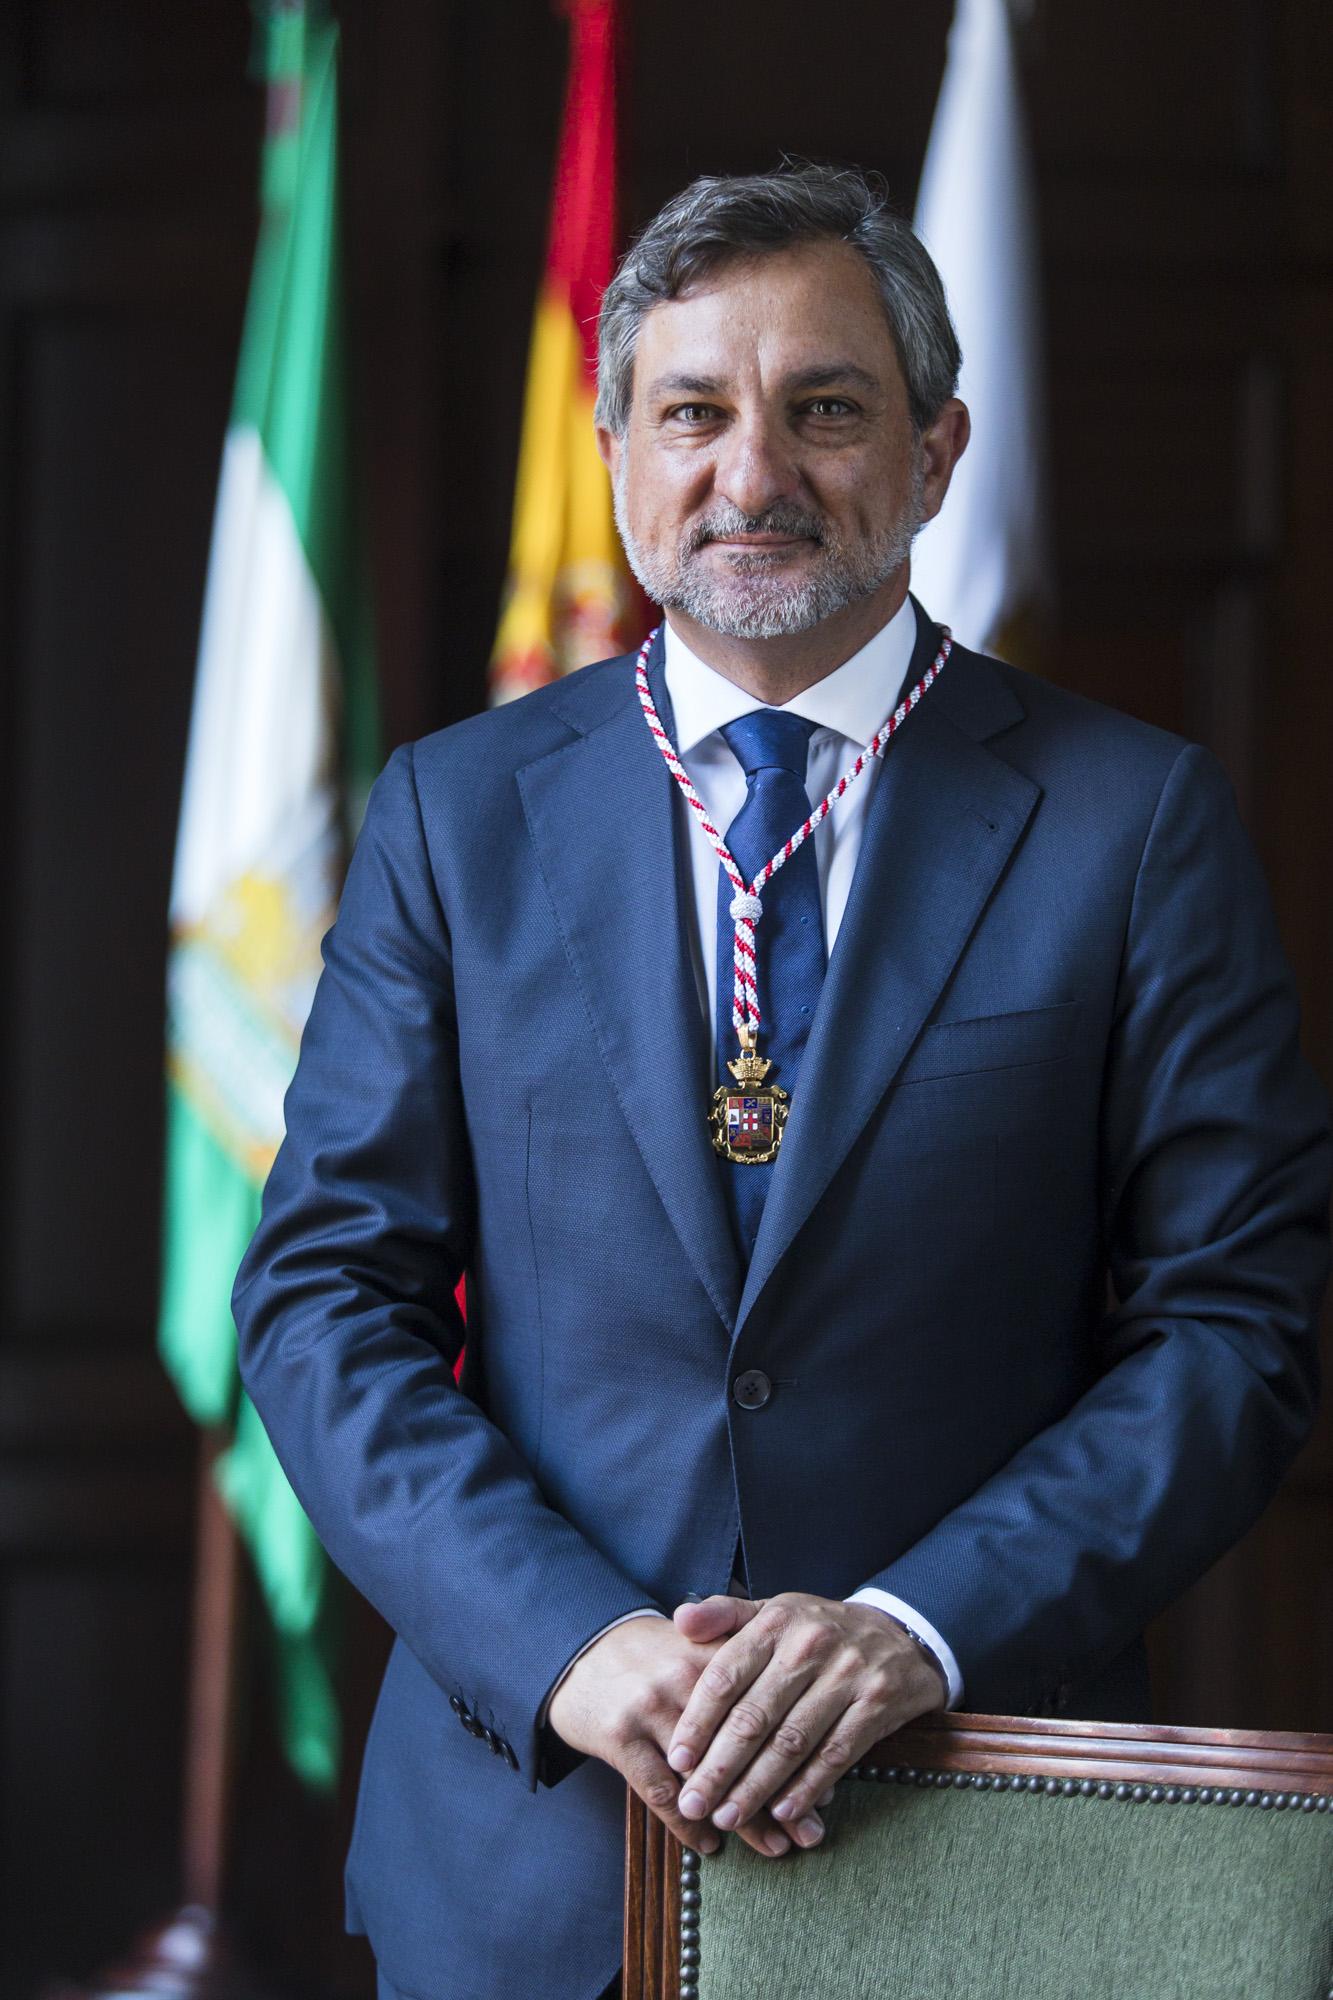 Ángel Escobar Céspedes